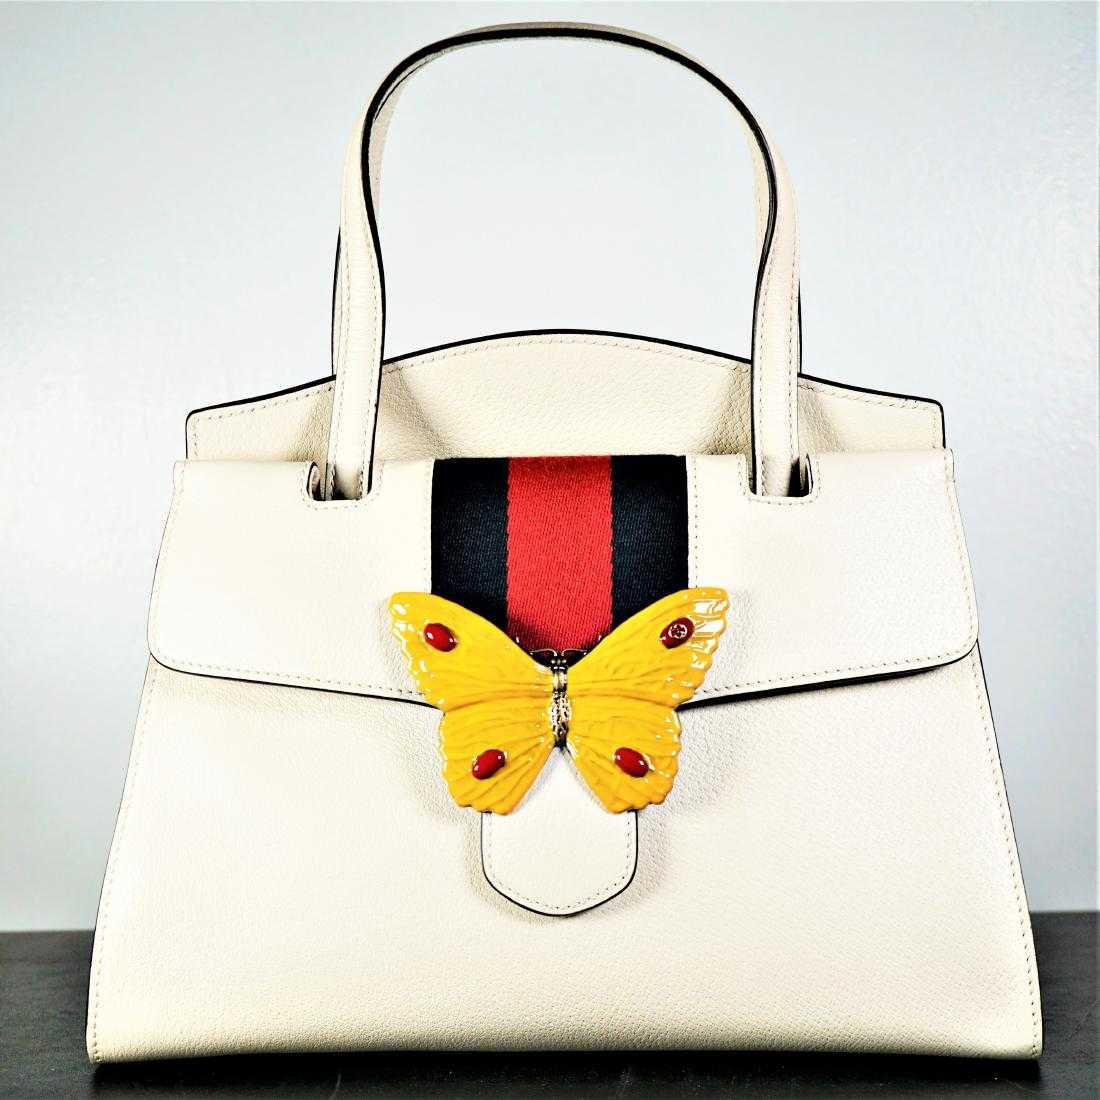 fa4fc1e4291 GUCCI Linea Totem Medium Top Handle Bag